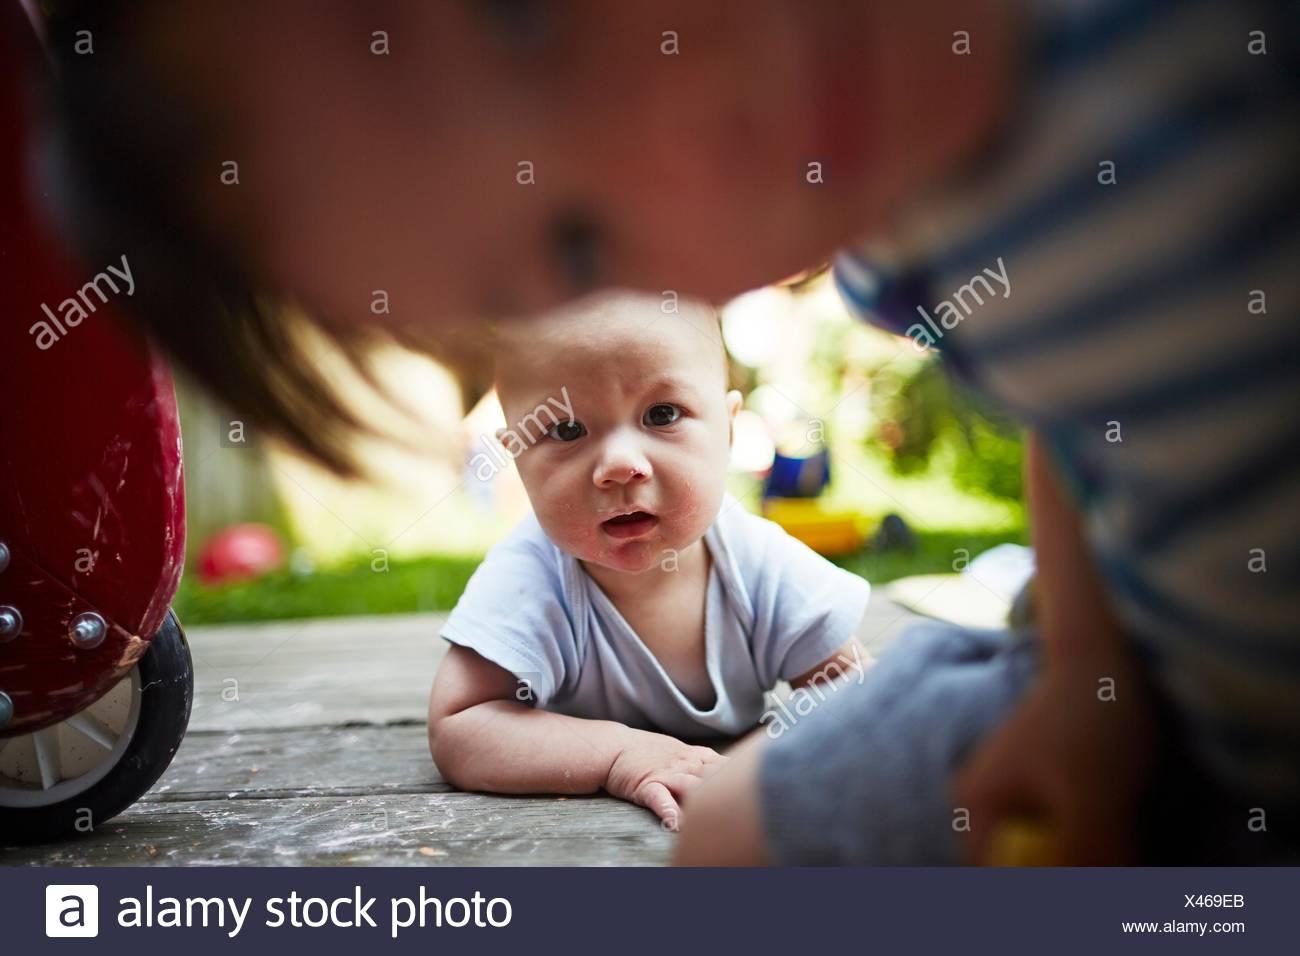 Retrato de Baby Boy acostada mirando a la cámara con su hermano mayor en primer plano Imagen De Stock